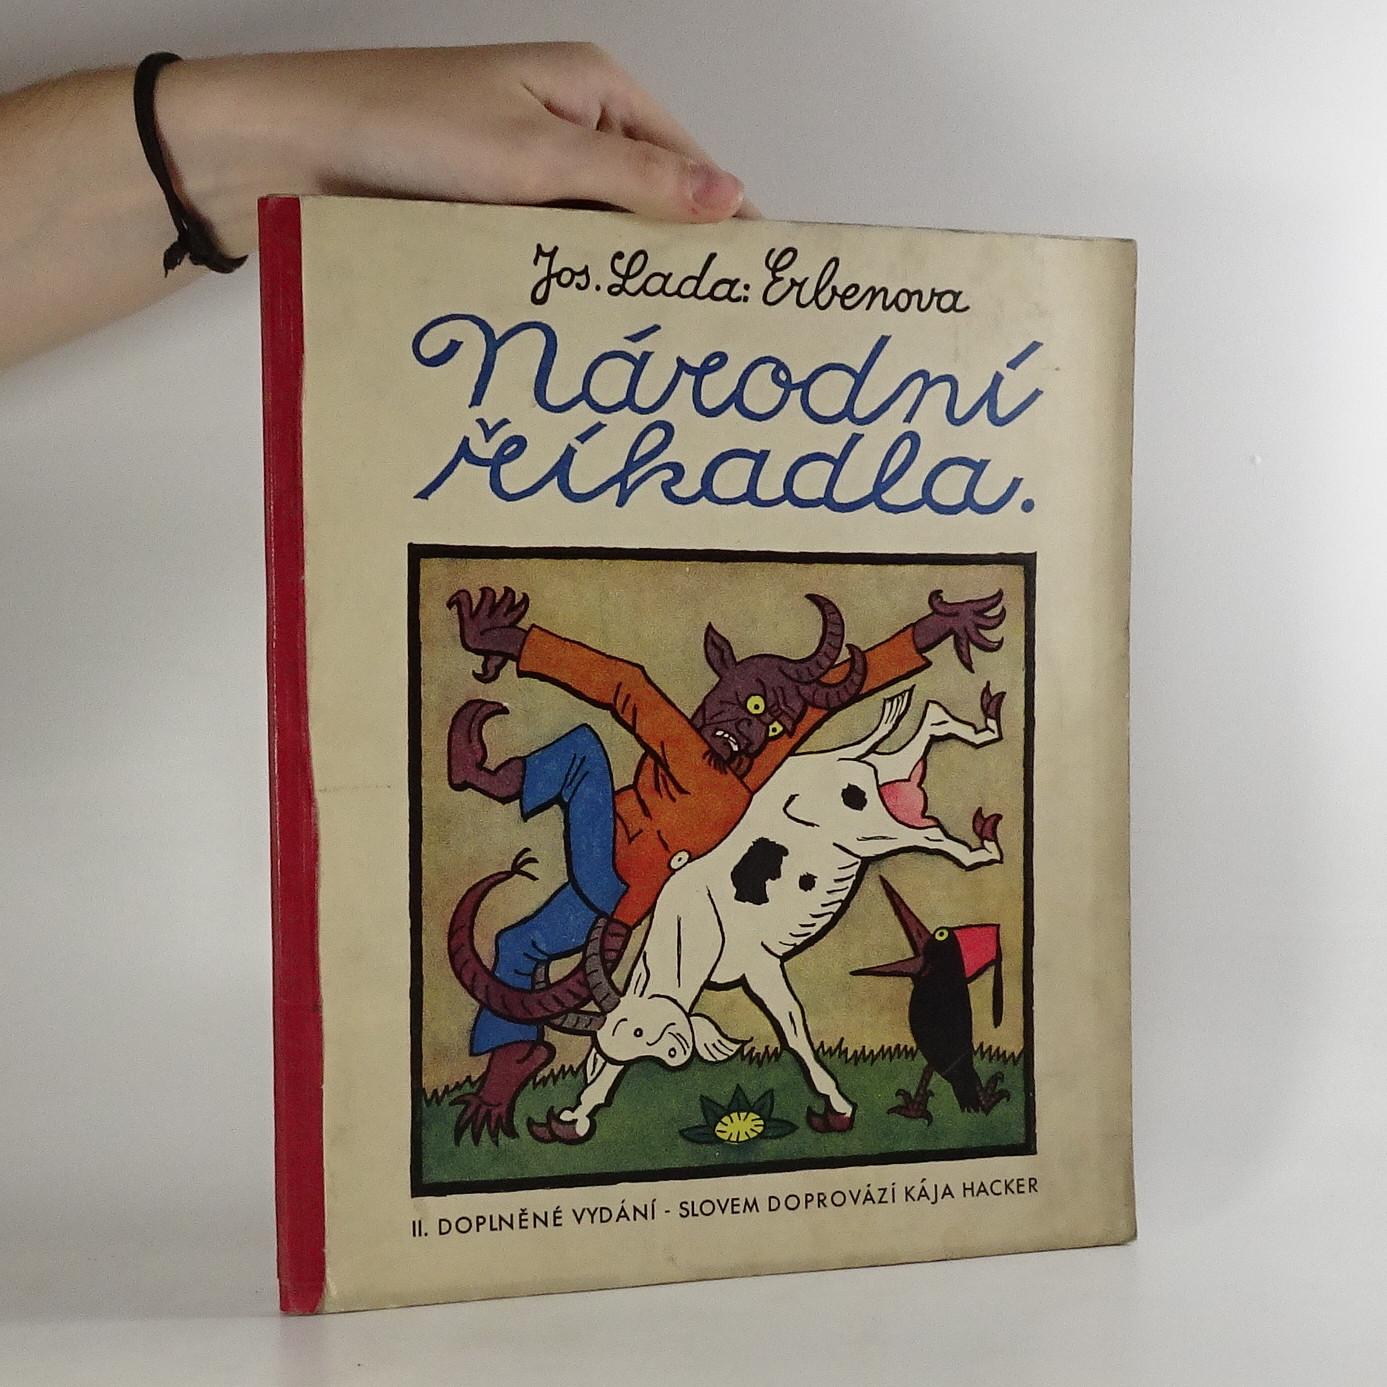 antikvární kniha Erbenova národní říkadla, 1930